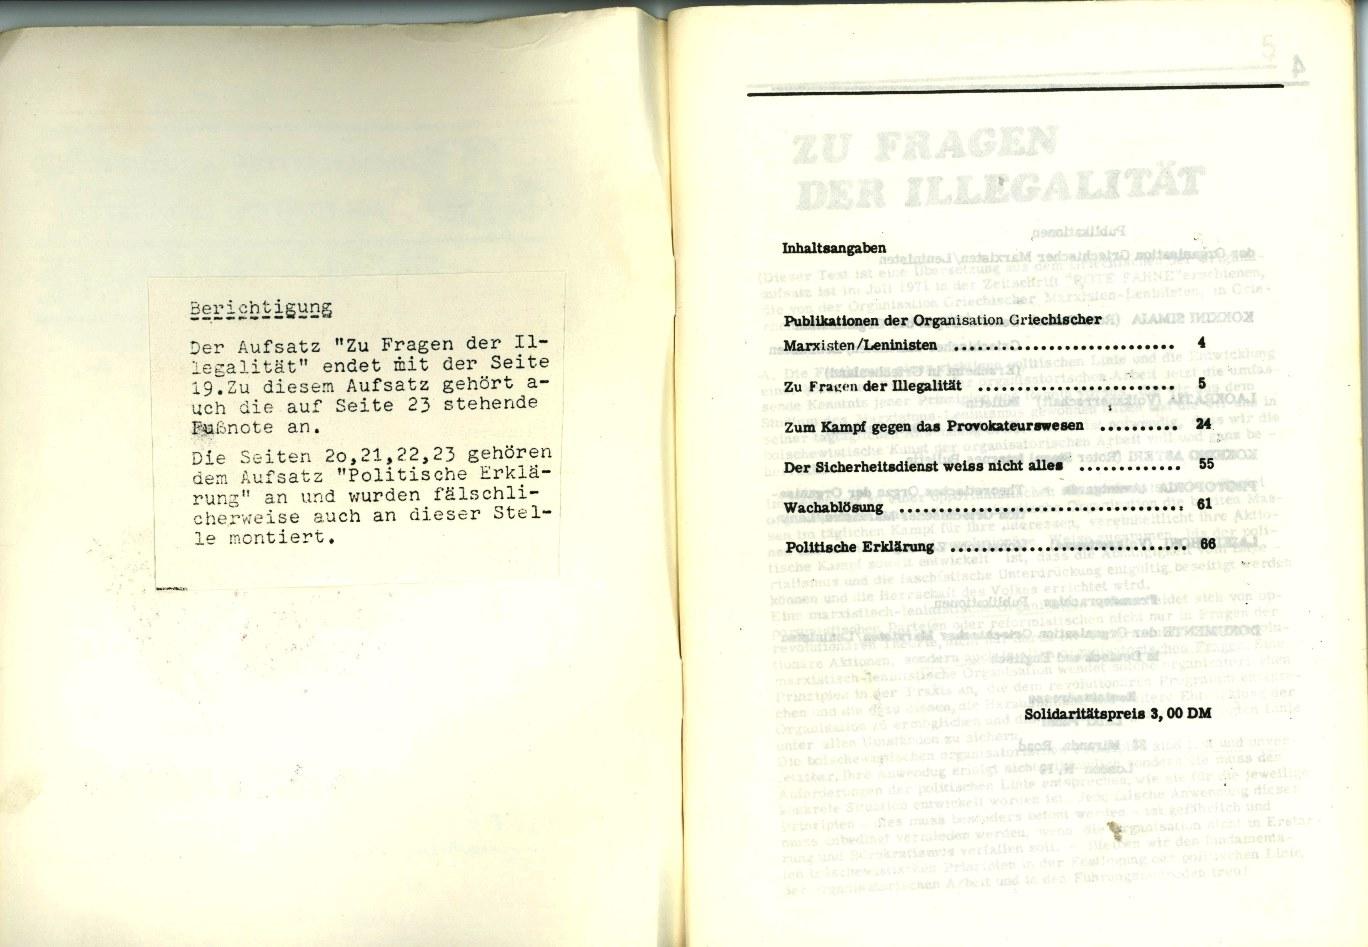 Griechenland_Griechische_ML_1971_Dokumente_01_02